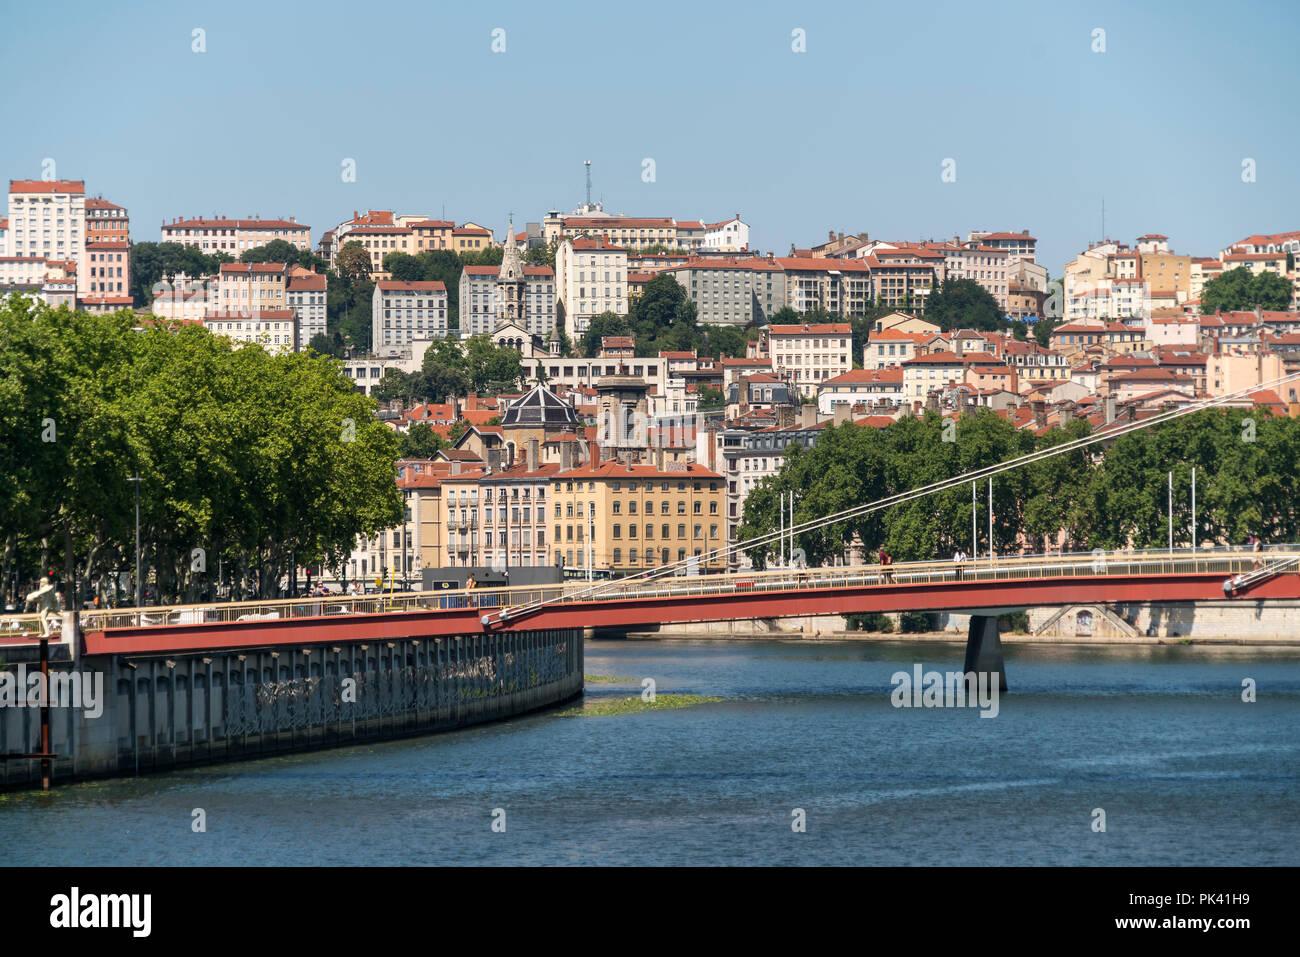 Lyon und der Fluss  Saone, Auvergne-Rhone-Alpes, Frankreich    Lyon and Saone river, Auvergne-Rhone-Alpes, France Stock Photo